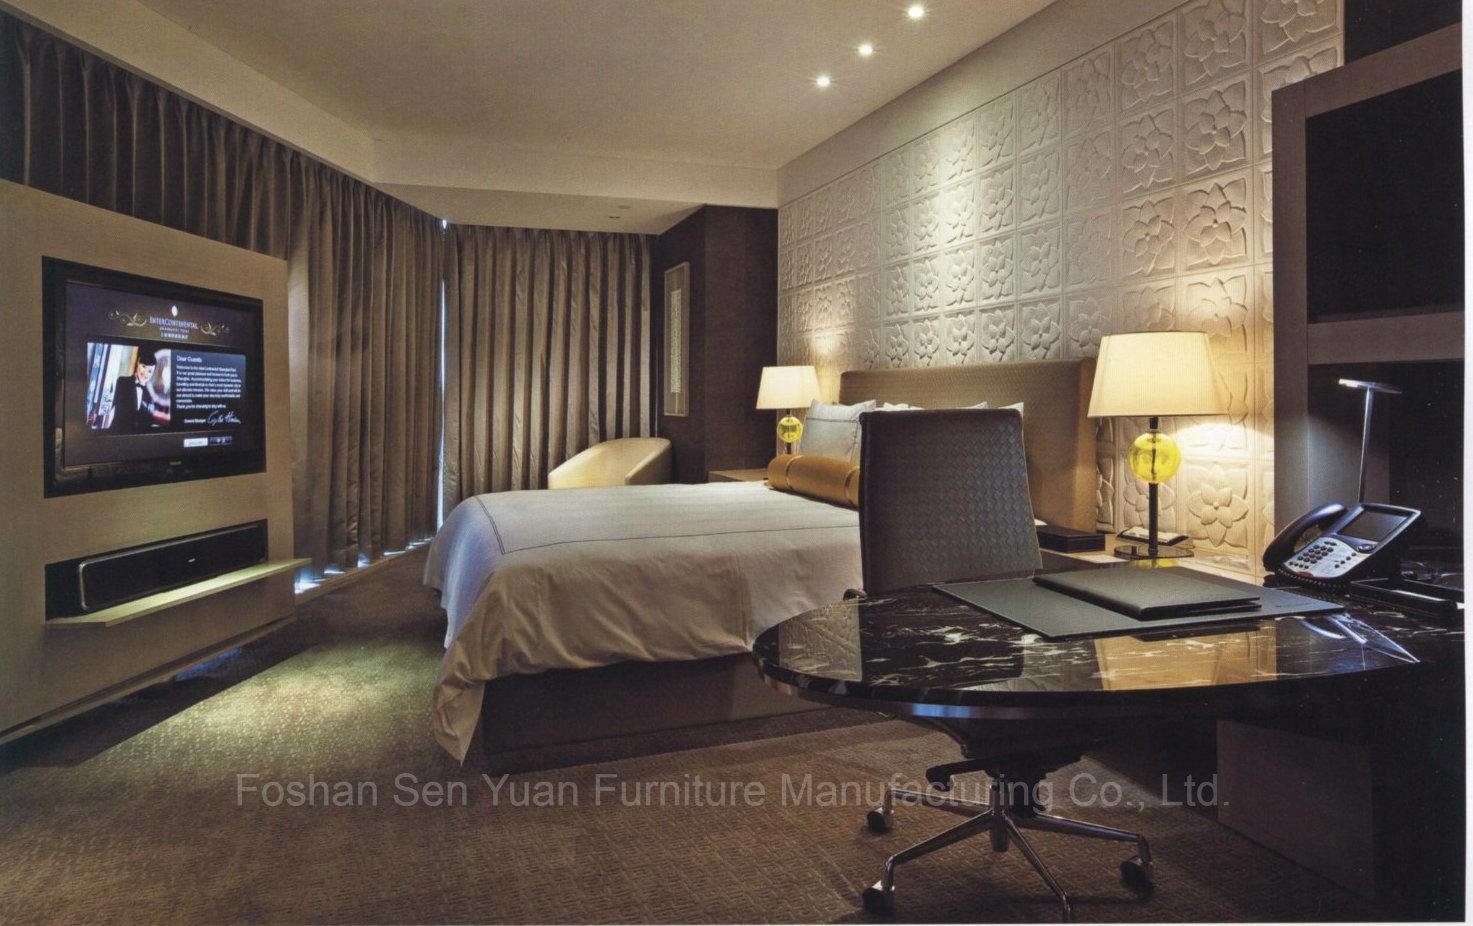 Chine Chambre A Coucher Mobilier De Peinture D Affaires Hotelset De Meubles Acheter Meubles De Salle De L Hotel Sur Fr Made In China Com